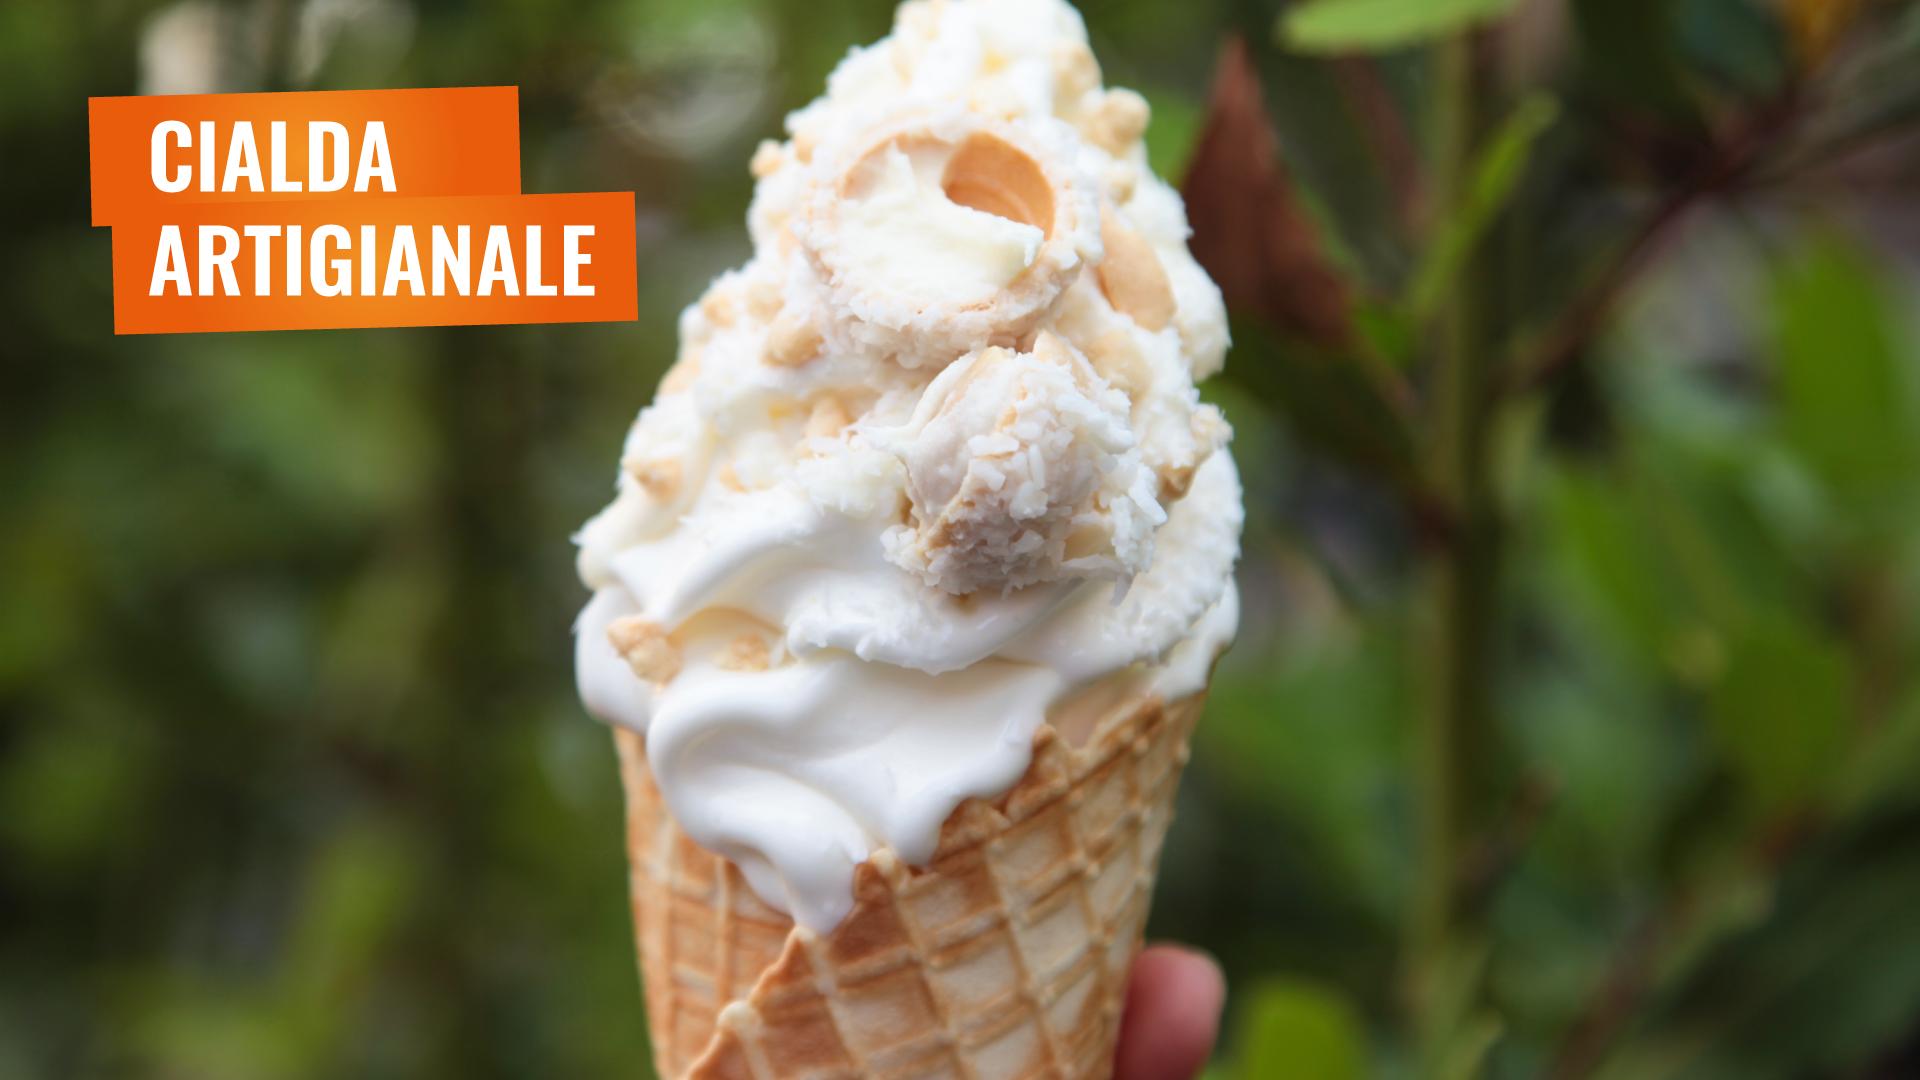 Cialda Artigianale con Frozen Yogurt e Snack de La Yogurteria